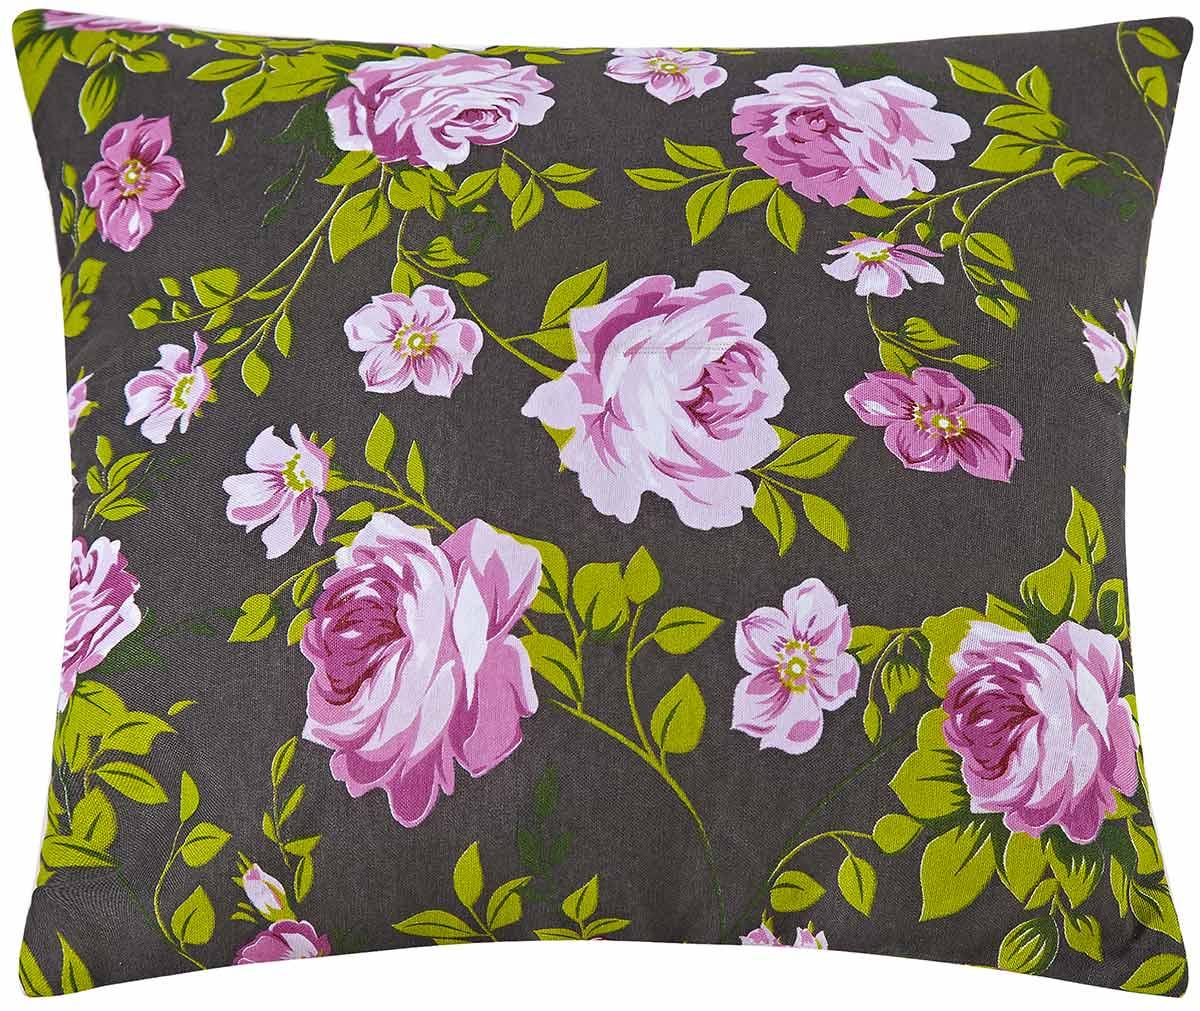 Almofadas Avulsa 40cm x 40cm  Rosas Estampado com 1 peças